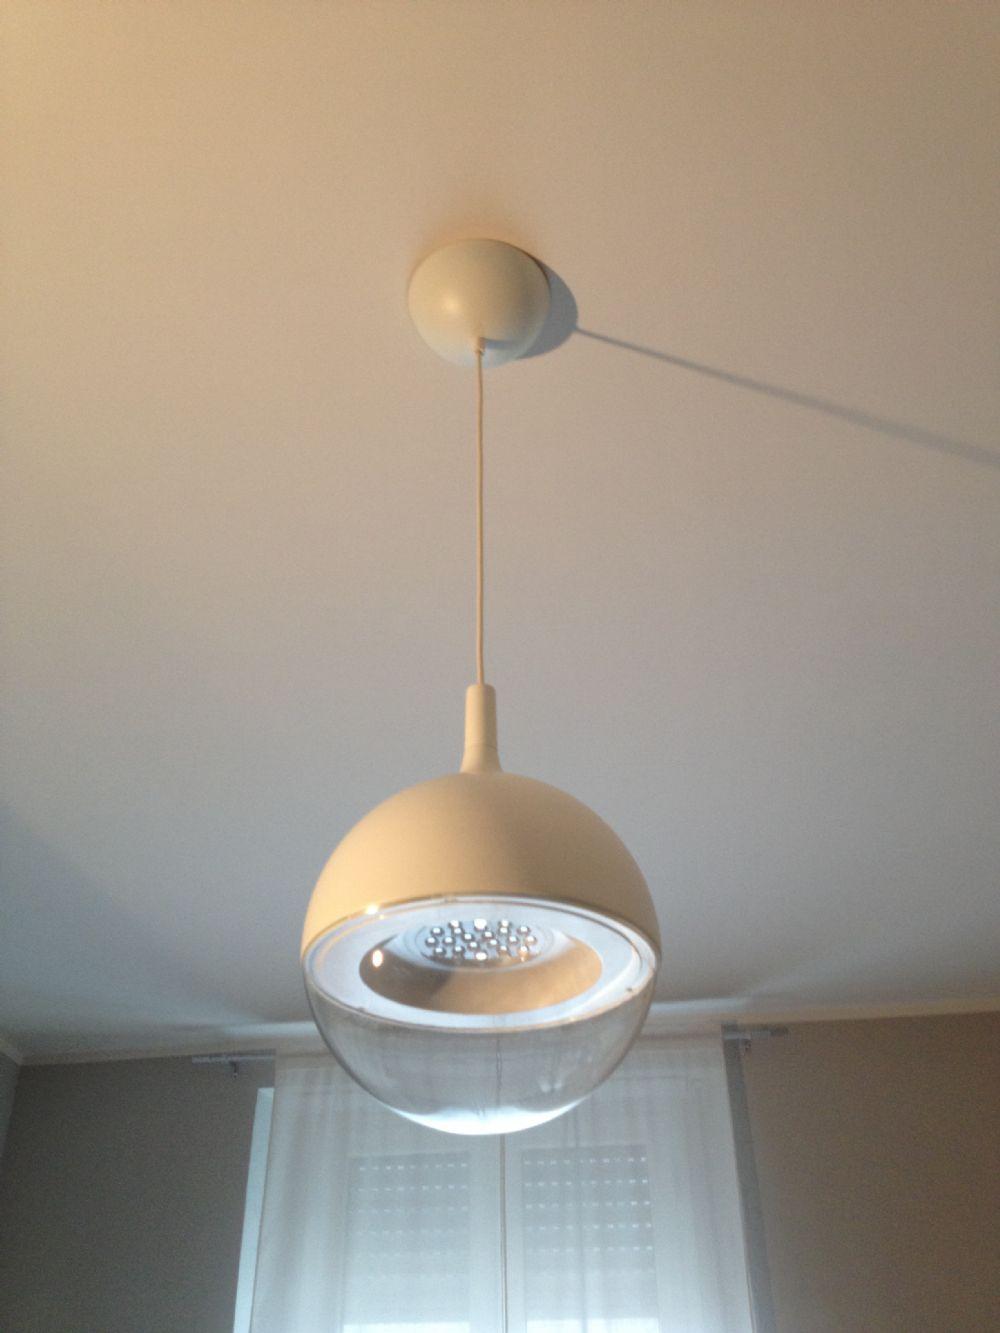 Baratto scambio lampada led ikea arredamento for Ikea complementi d arredo